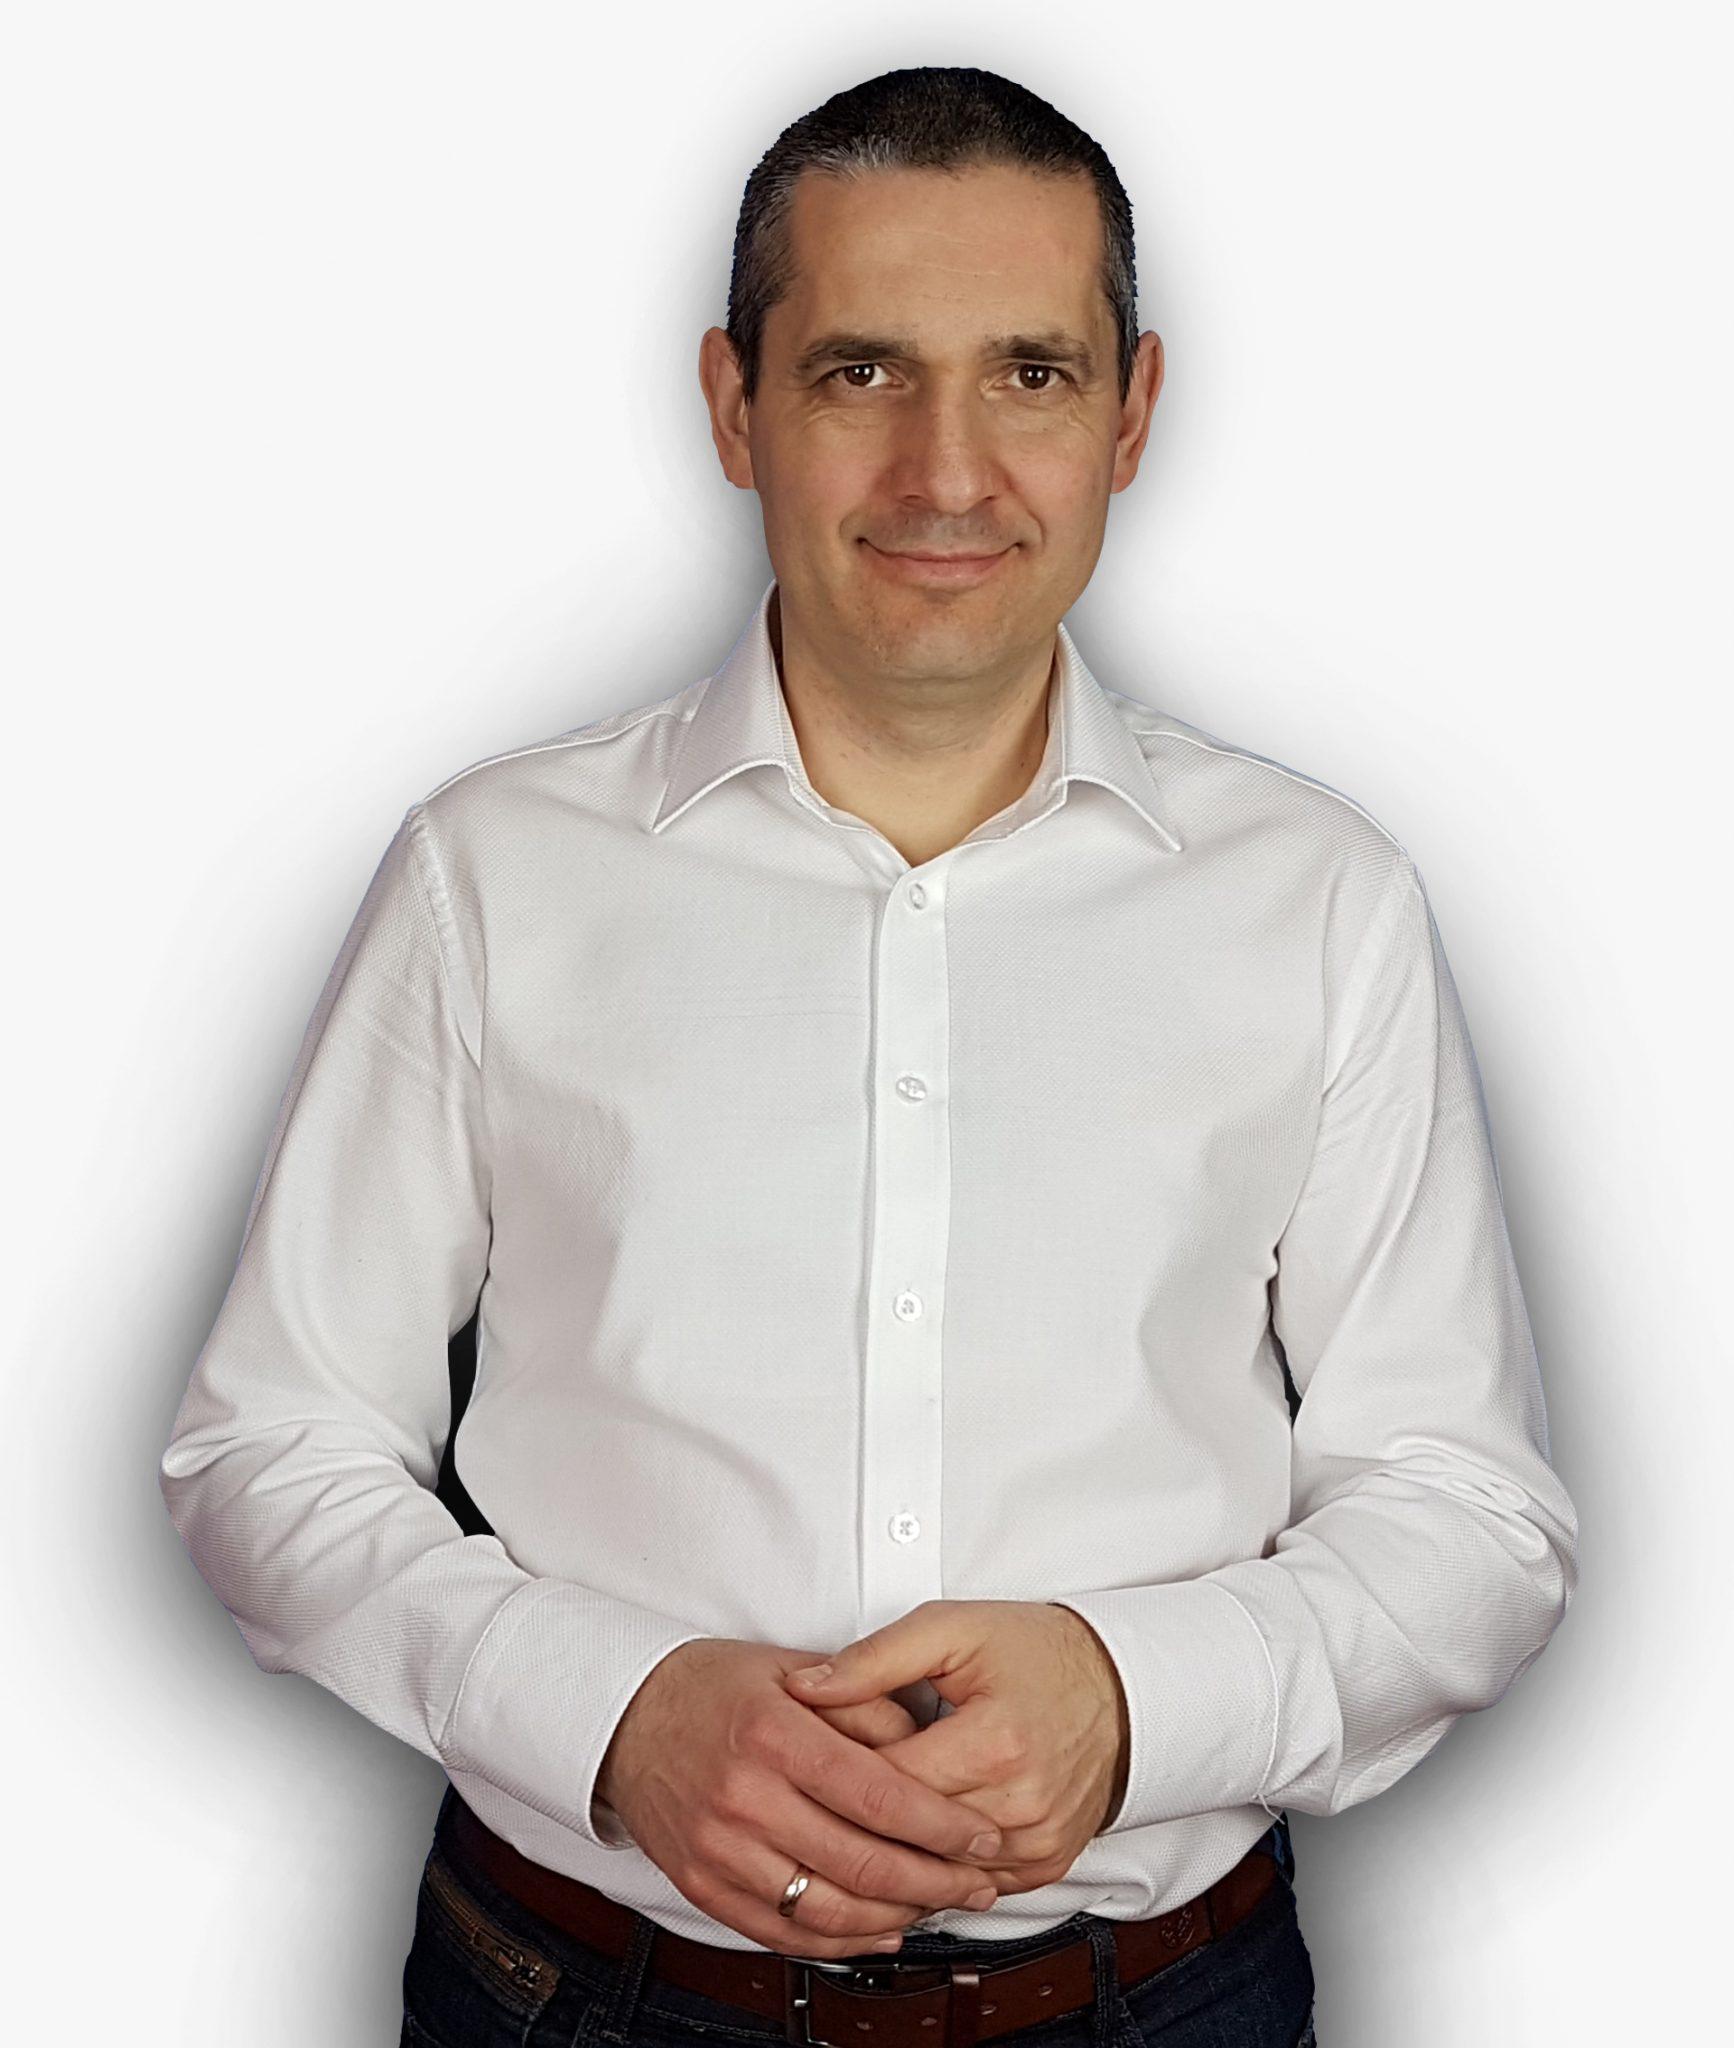 Karol-Bartkowski-doradztwo dla-przedsiębiorców-konsultacje-szkolenia-i-wystąpienia.